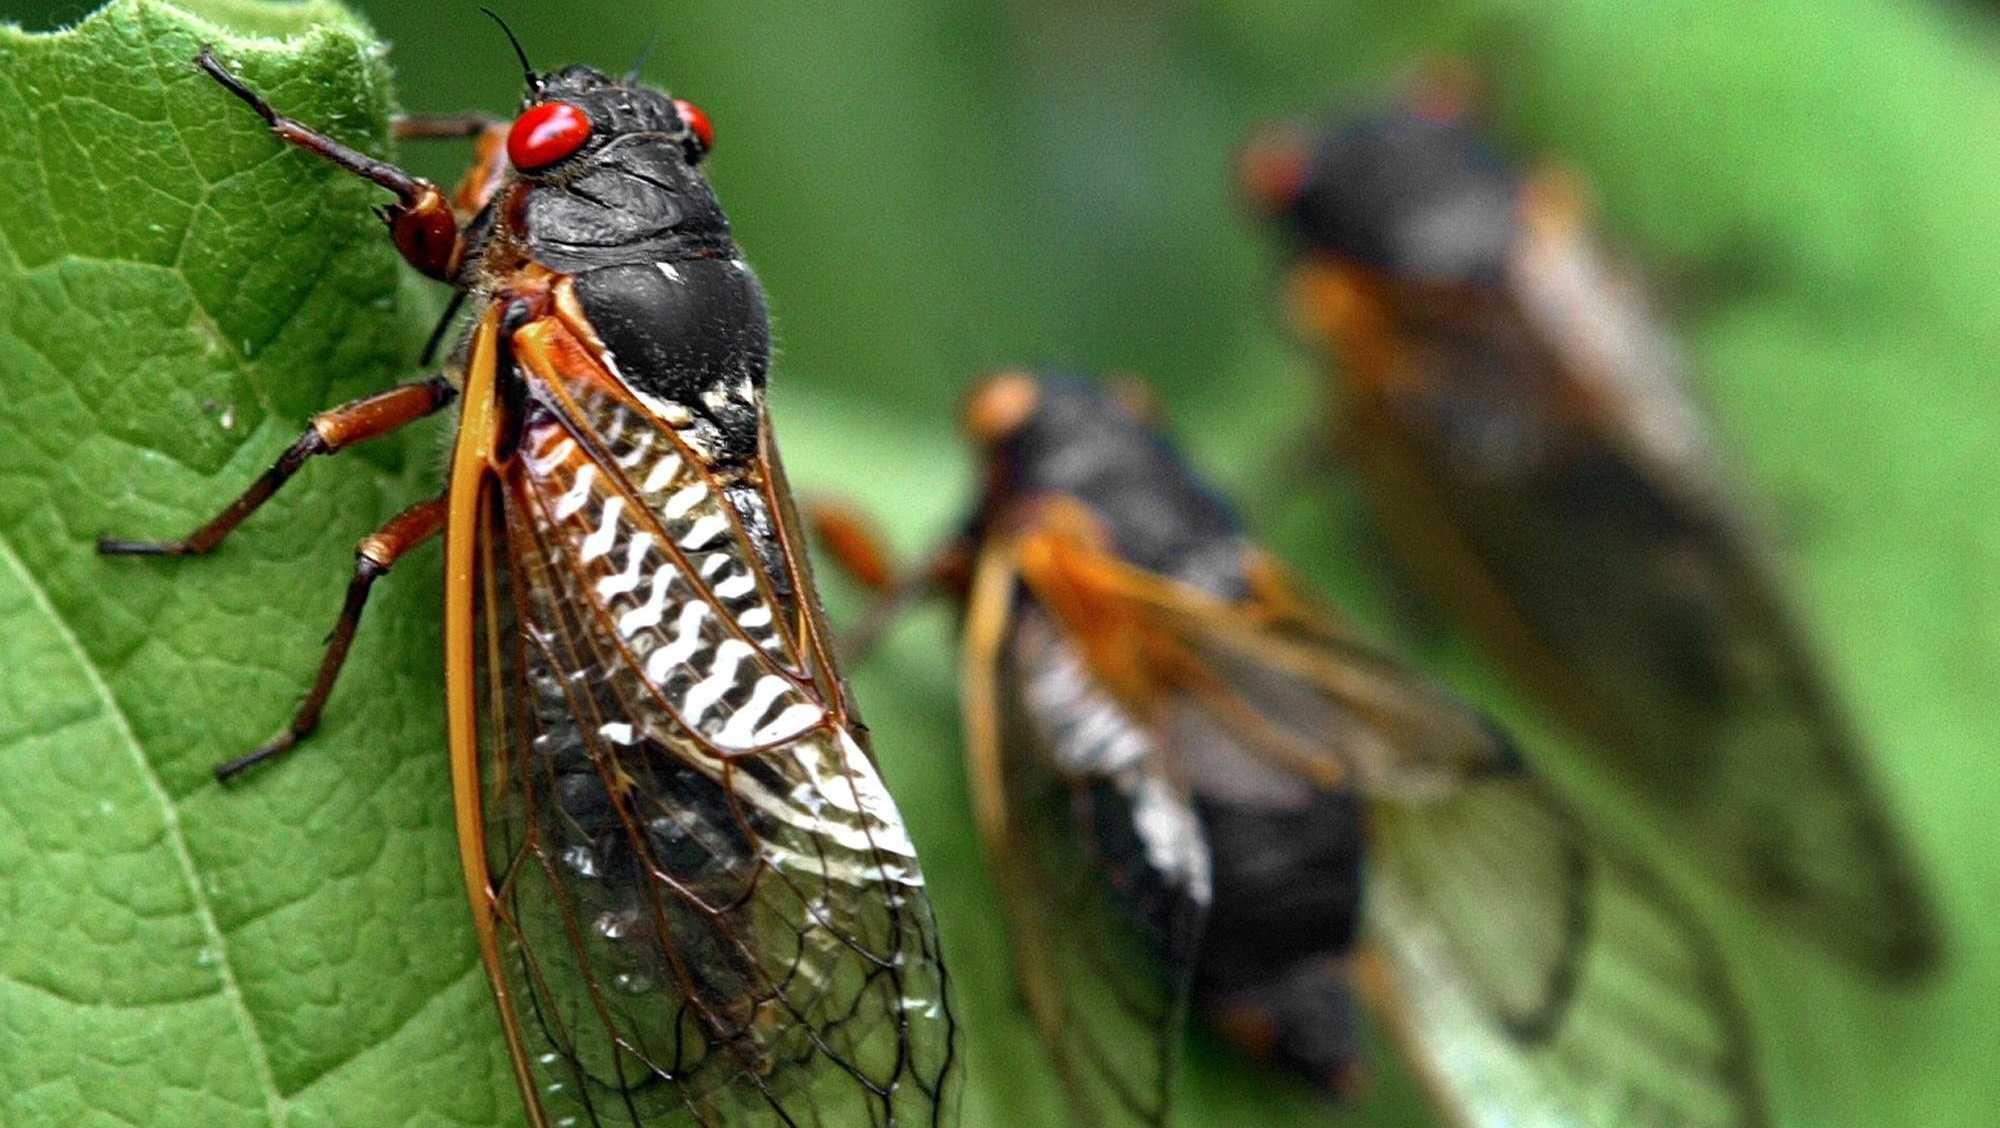 Cicadas on leaf, Annandale, Virginia